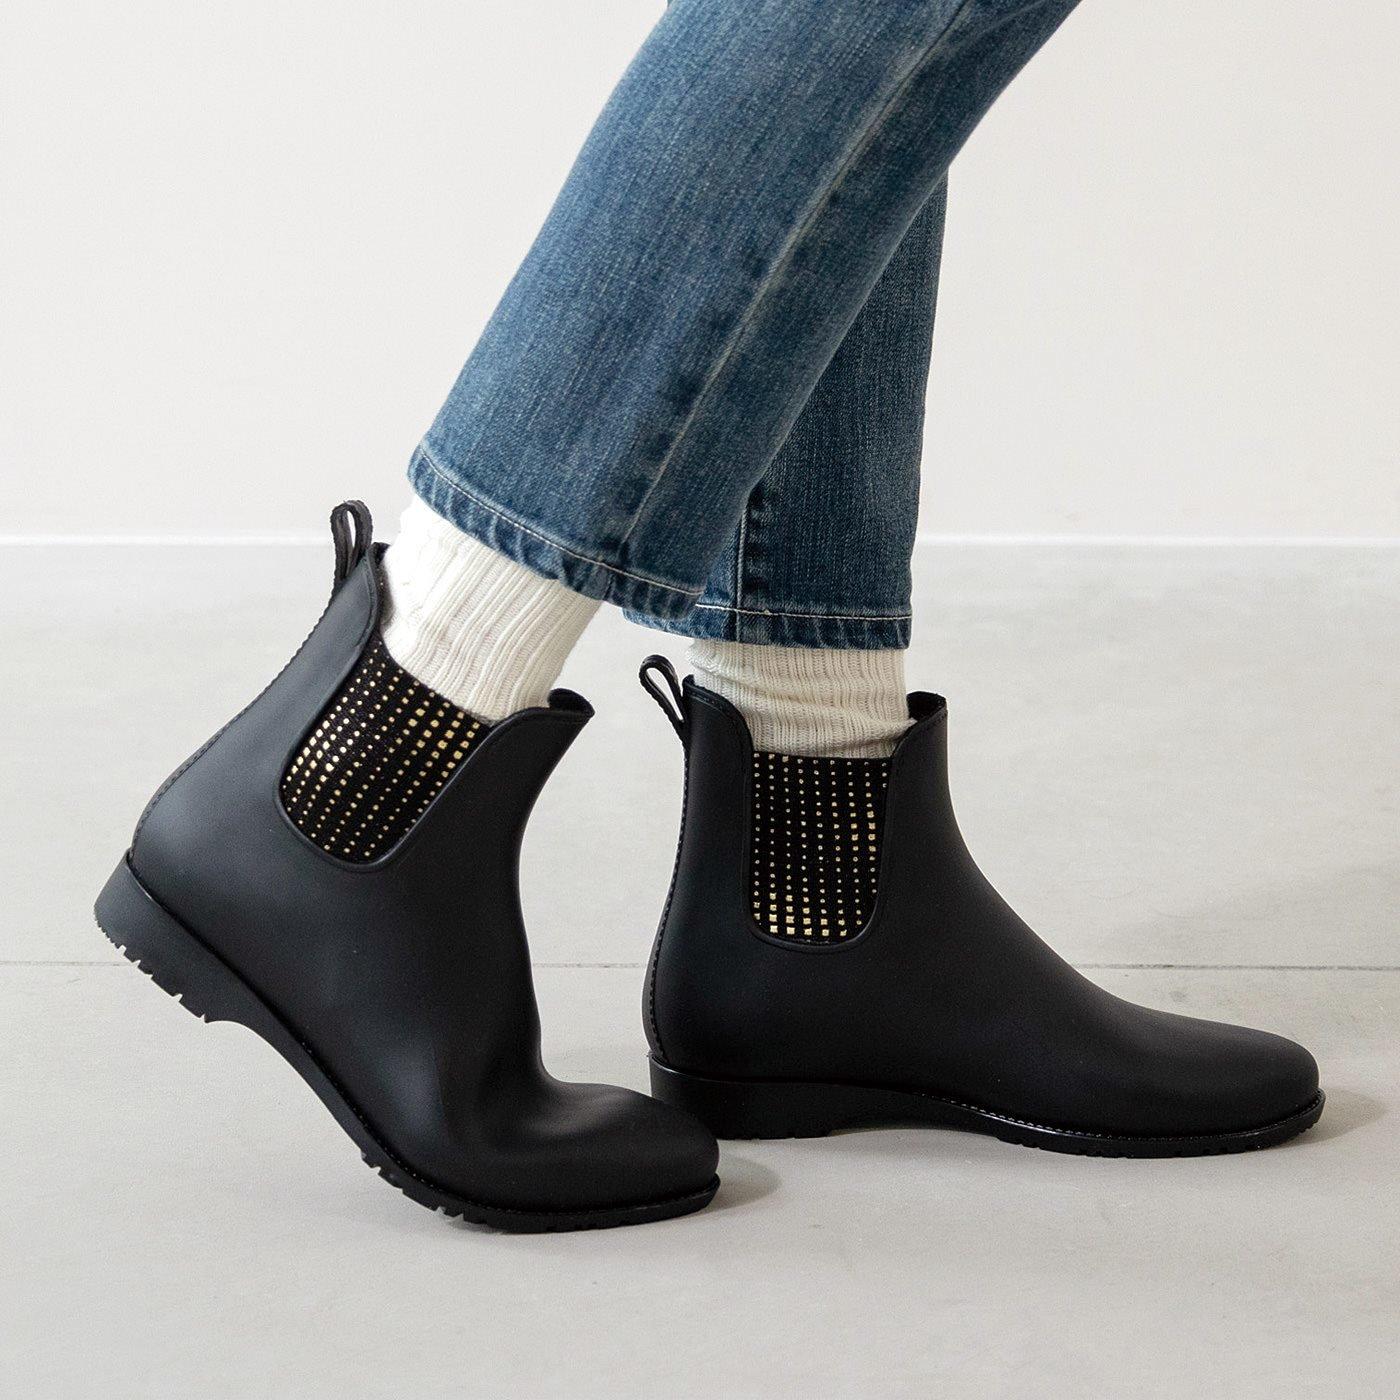 雨の日も足もと決まる キラりんサイドゴアレインショートブーツ〈ブラック〉